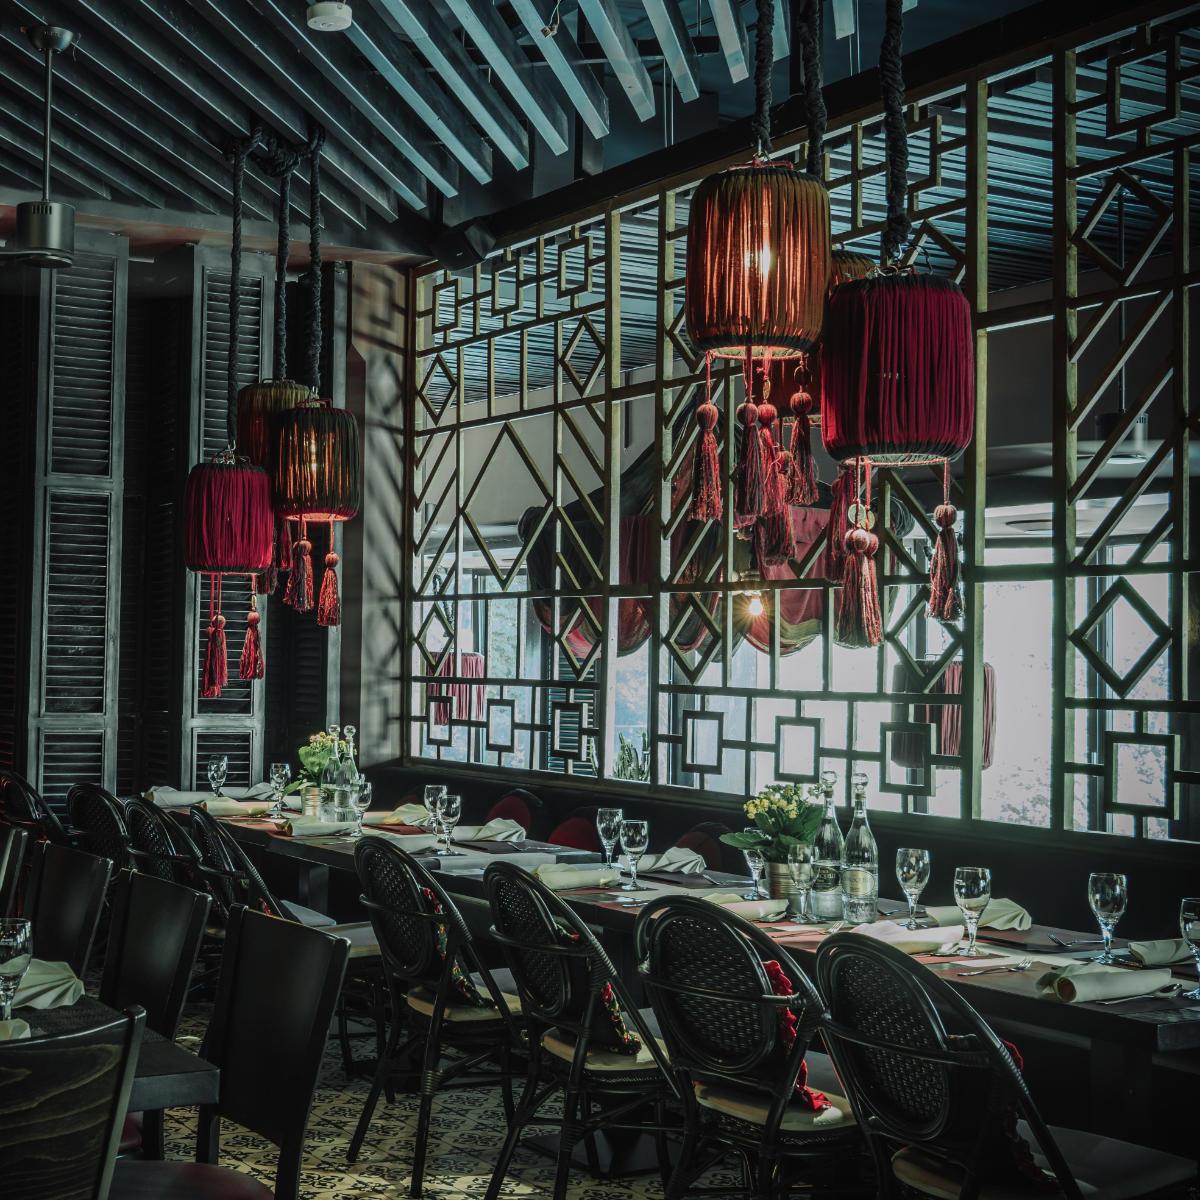 Ngon thailändisches Restaurant in Berlin-Mitte 11